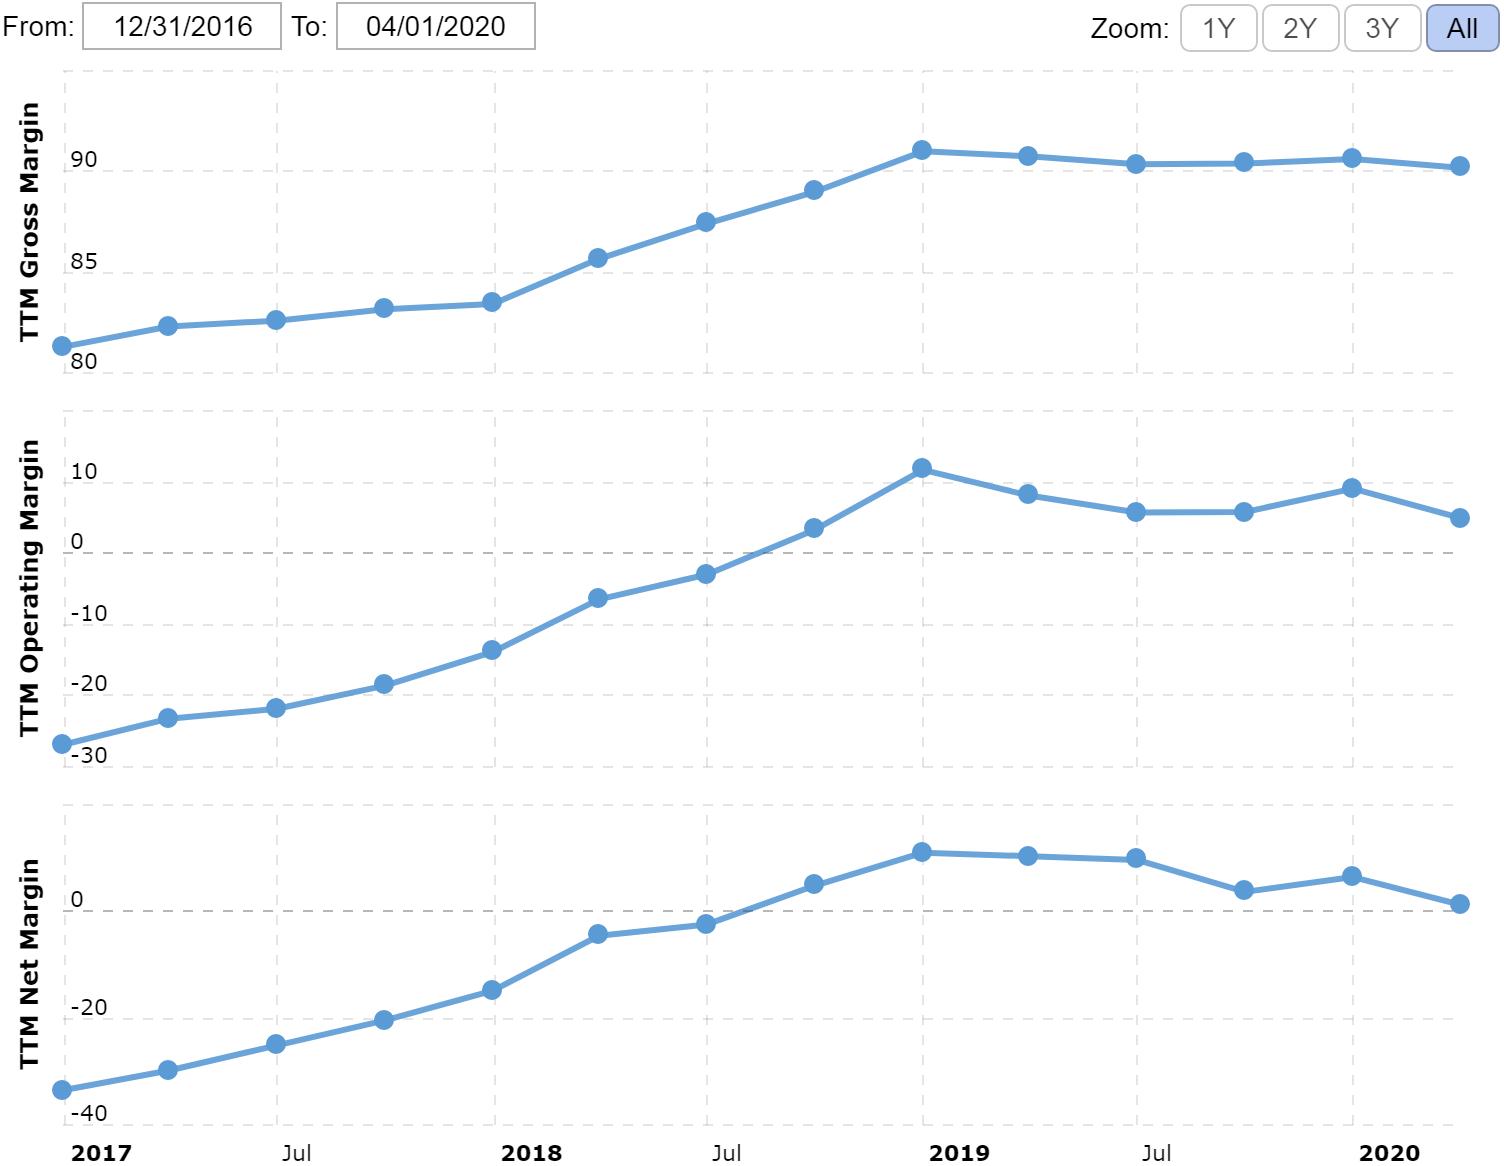 Валовая маржа, операционная маржа и итоговая маржа в процентах от выручки. На графике нет данных за убыточный 2 квартал 2020. Источник: Macrotrends